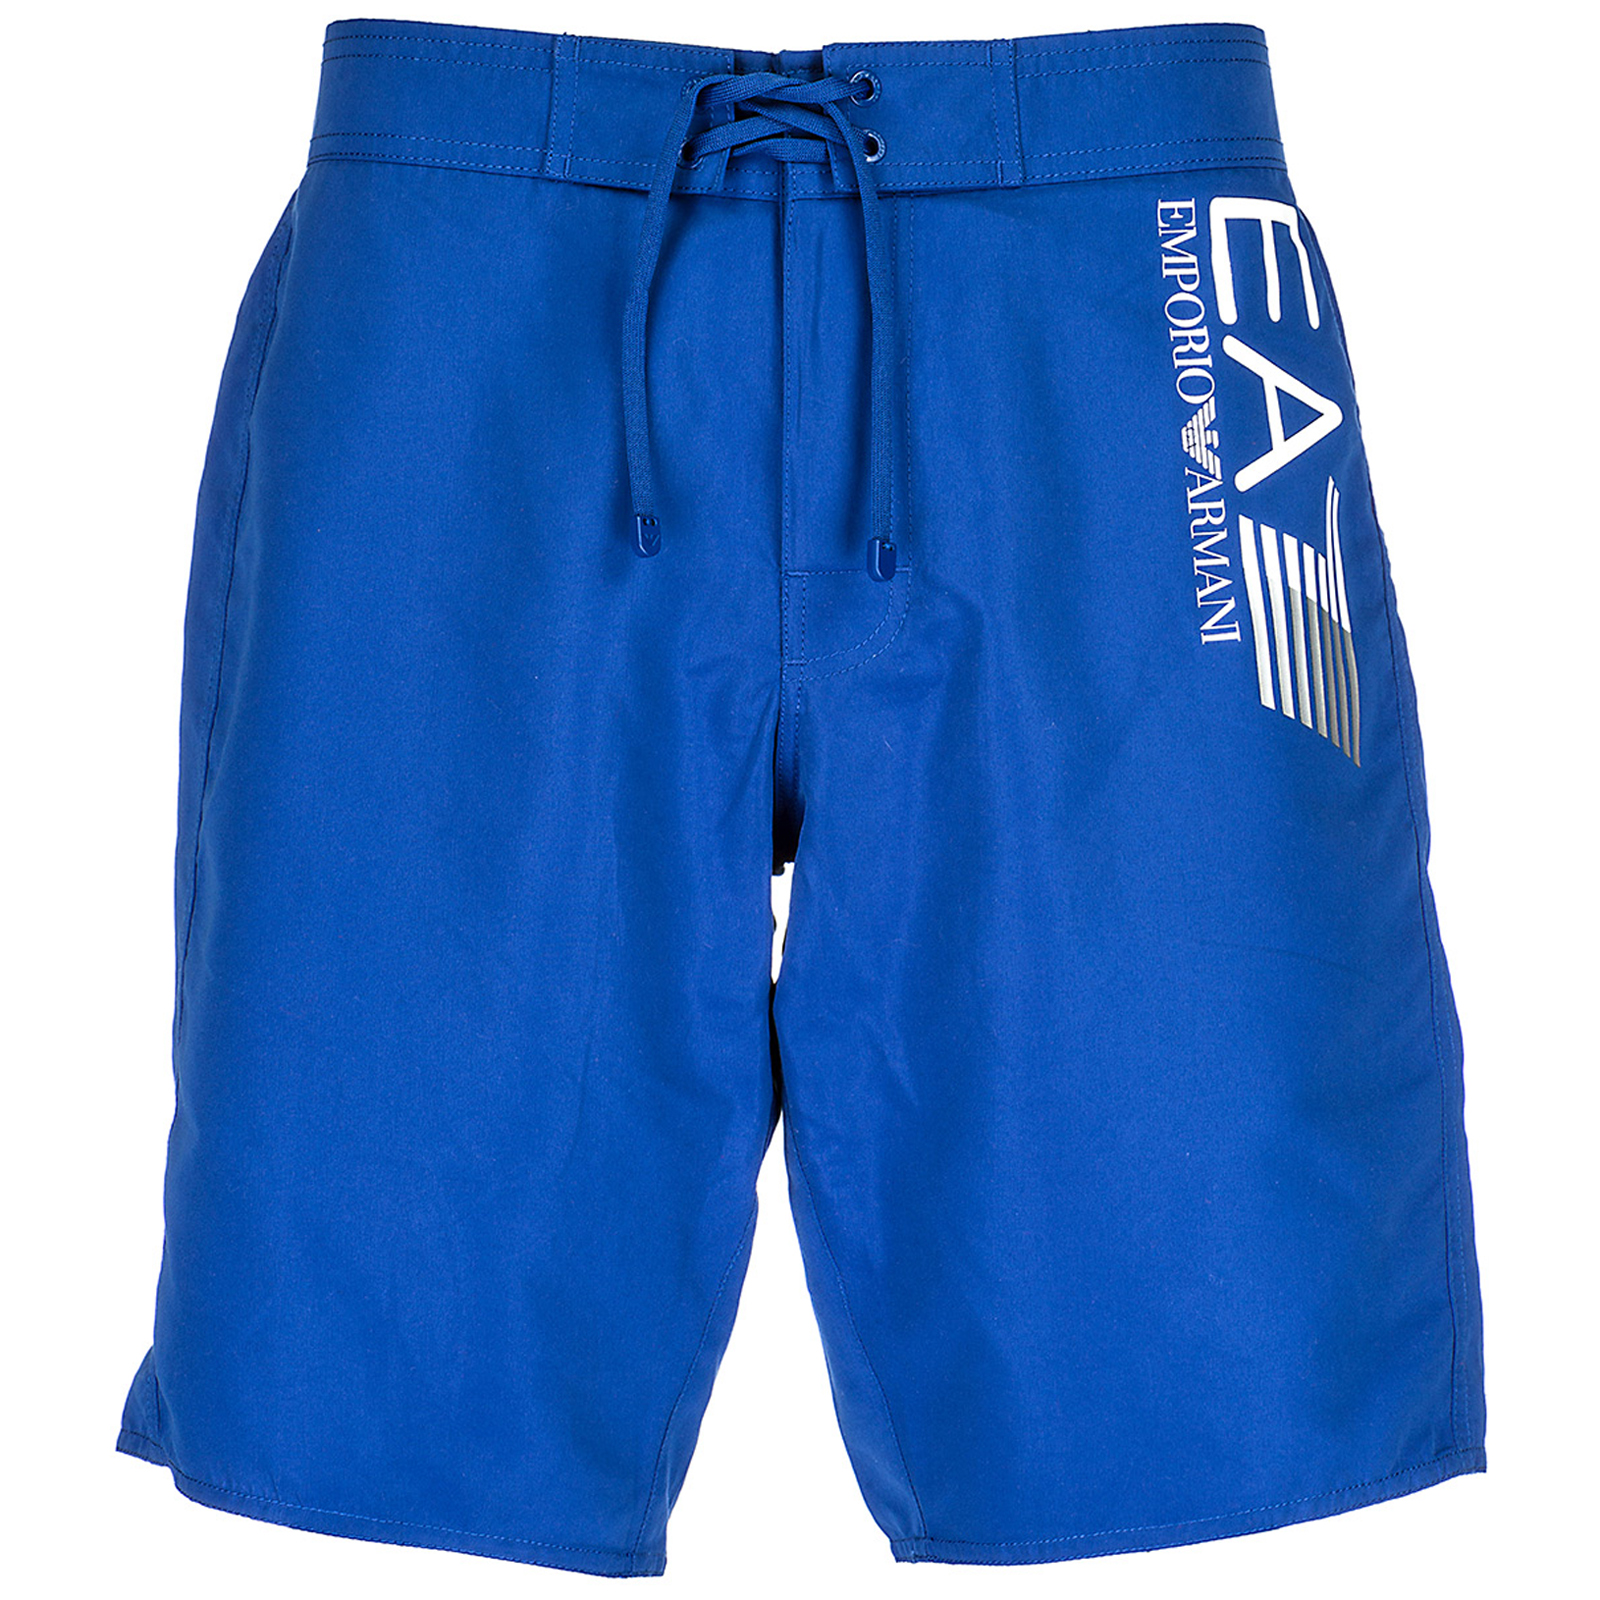 541203e731560 Swimming trunks Emporio Armani EA7 9020068P73820233 mazarine blue ...